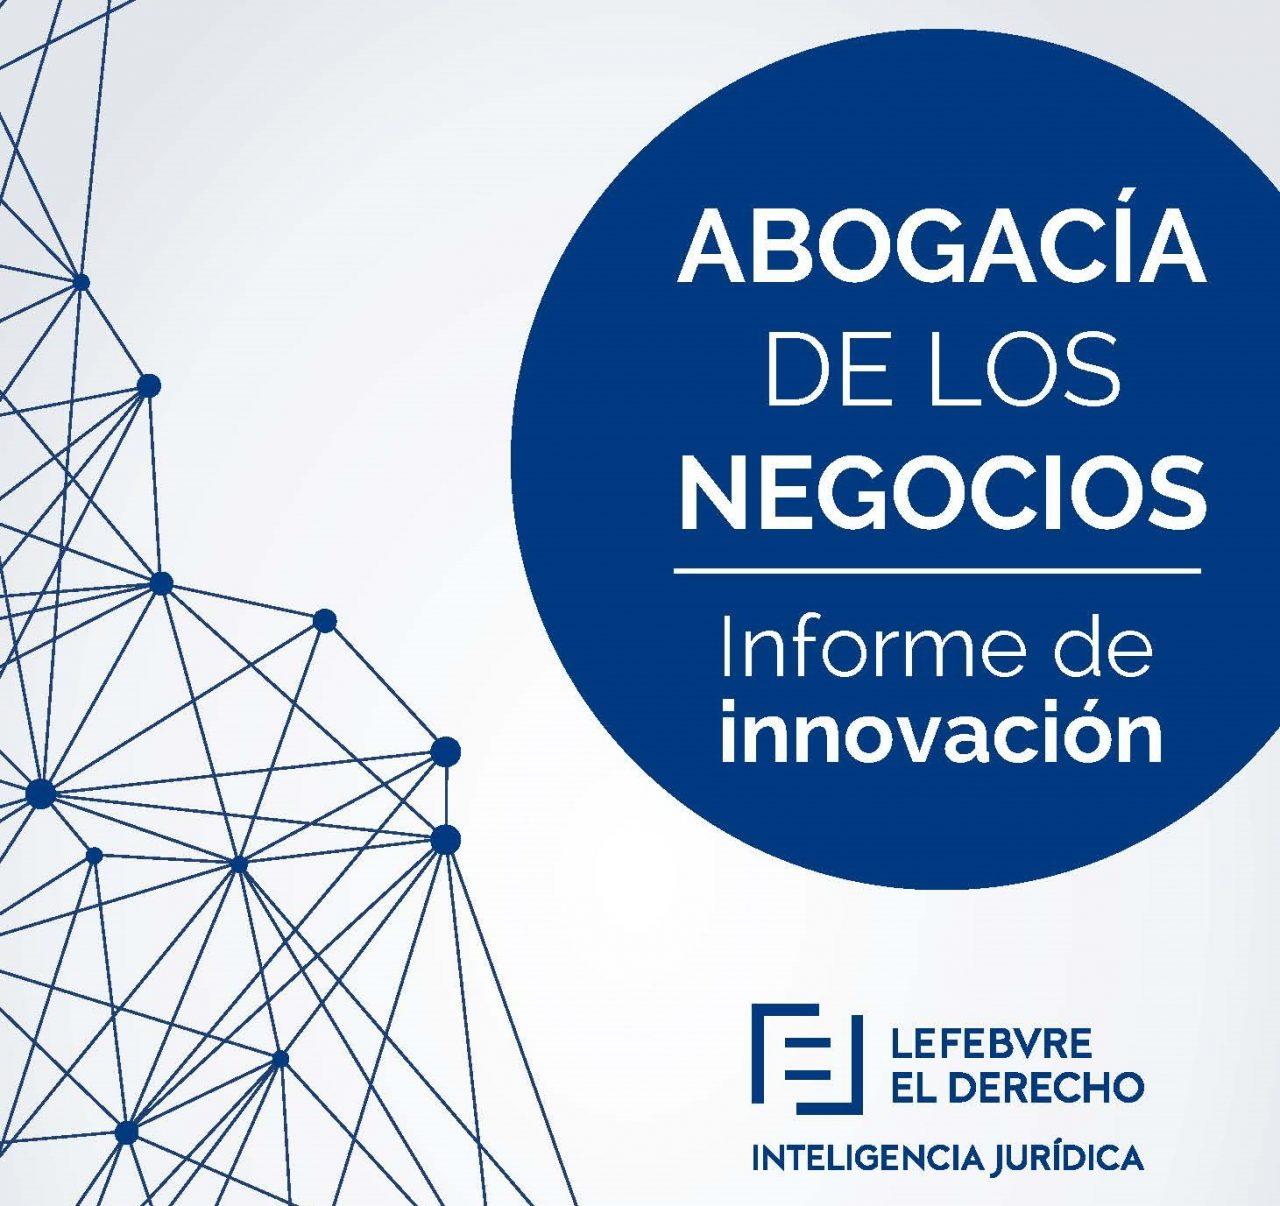 Páginas-desdeINFORME-DE-INNOVACIÓN-final.indd_-1280x1206.jpg